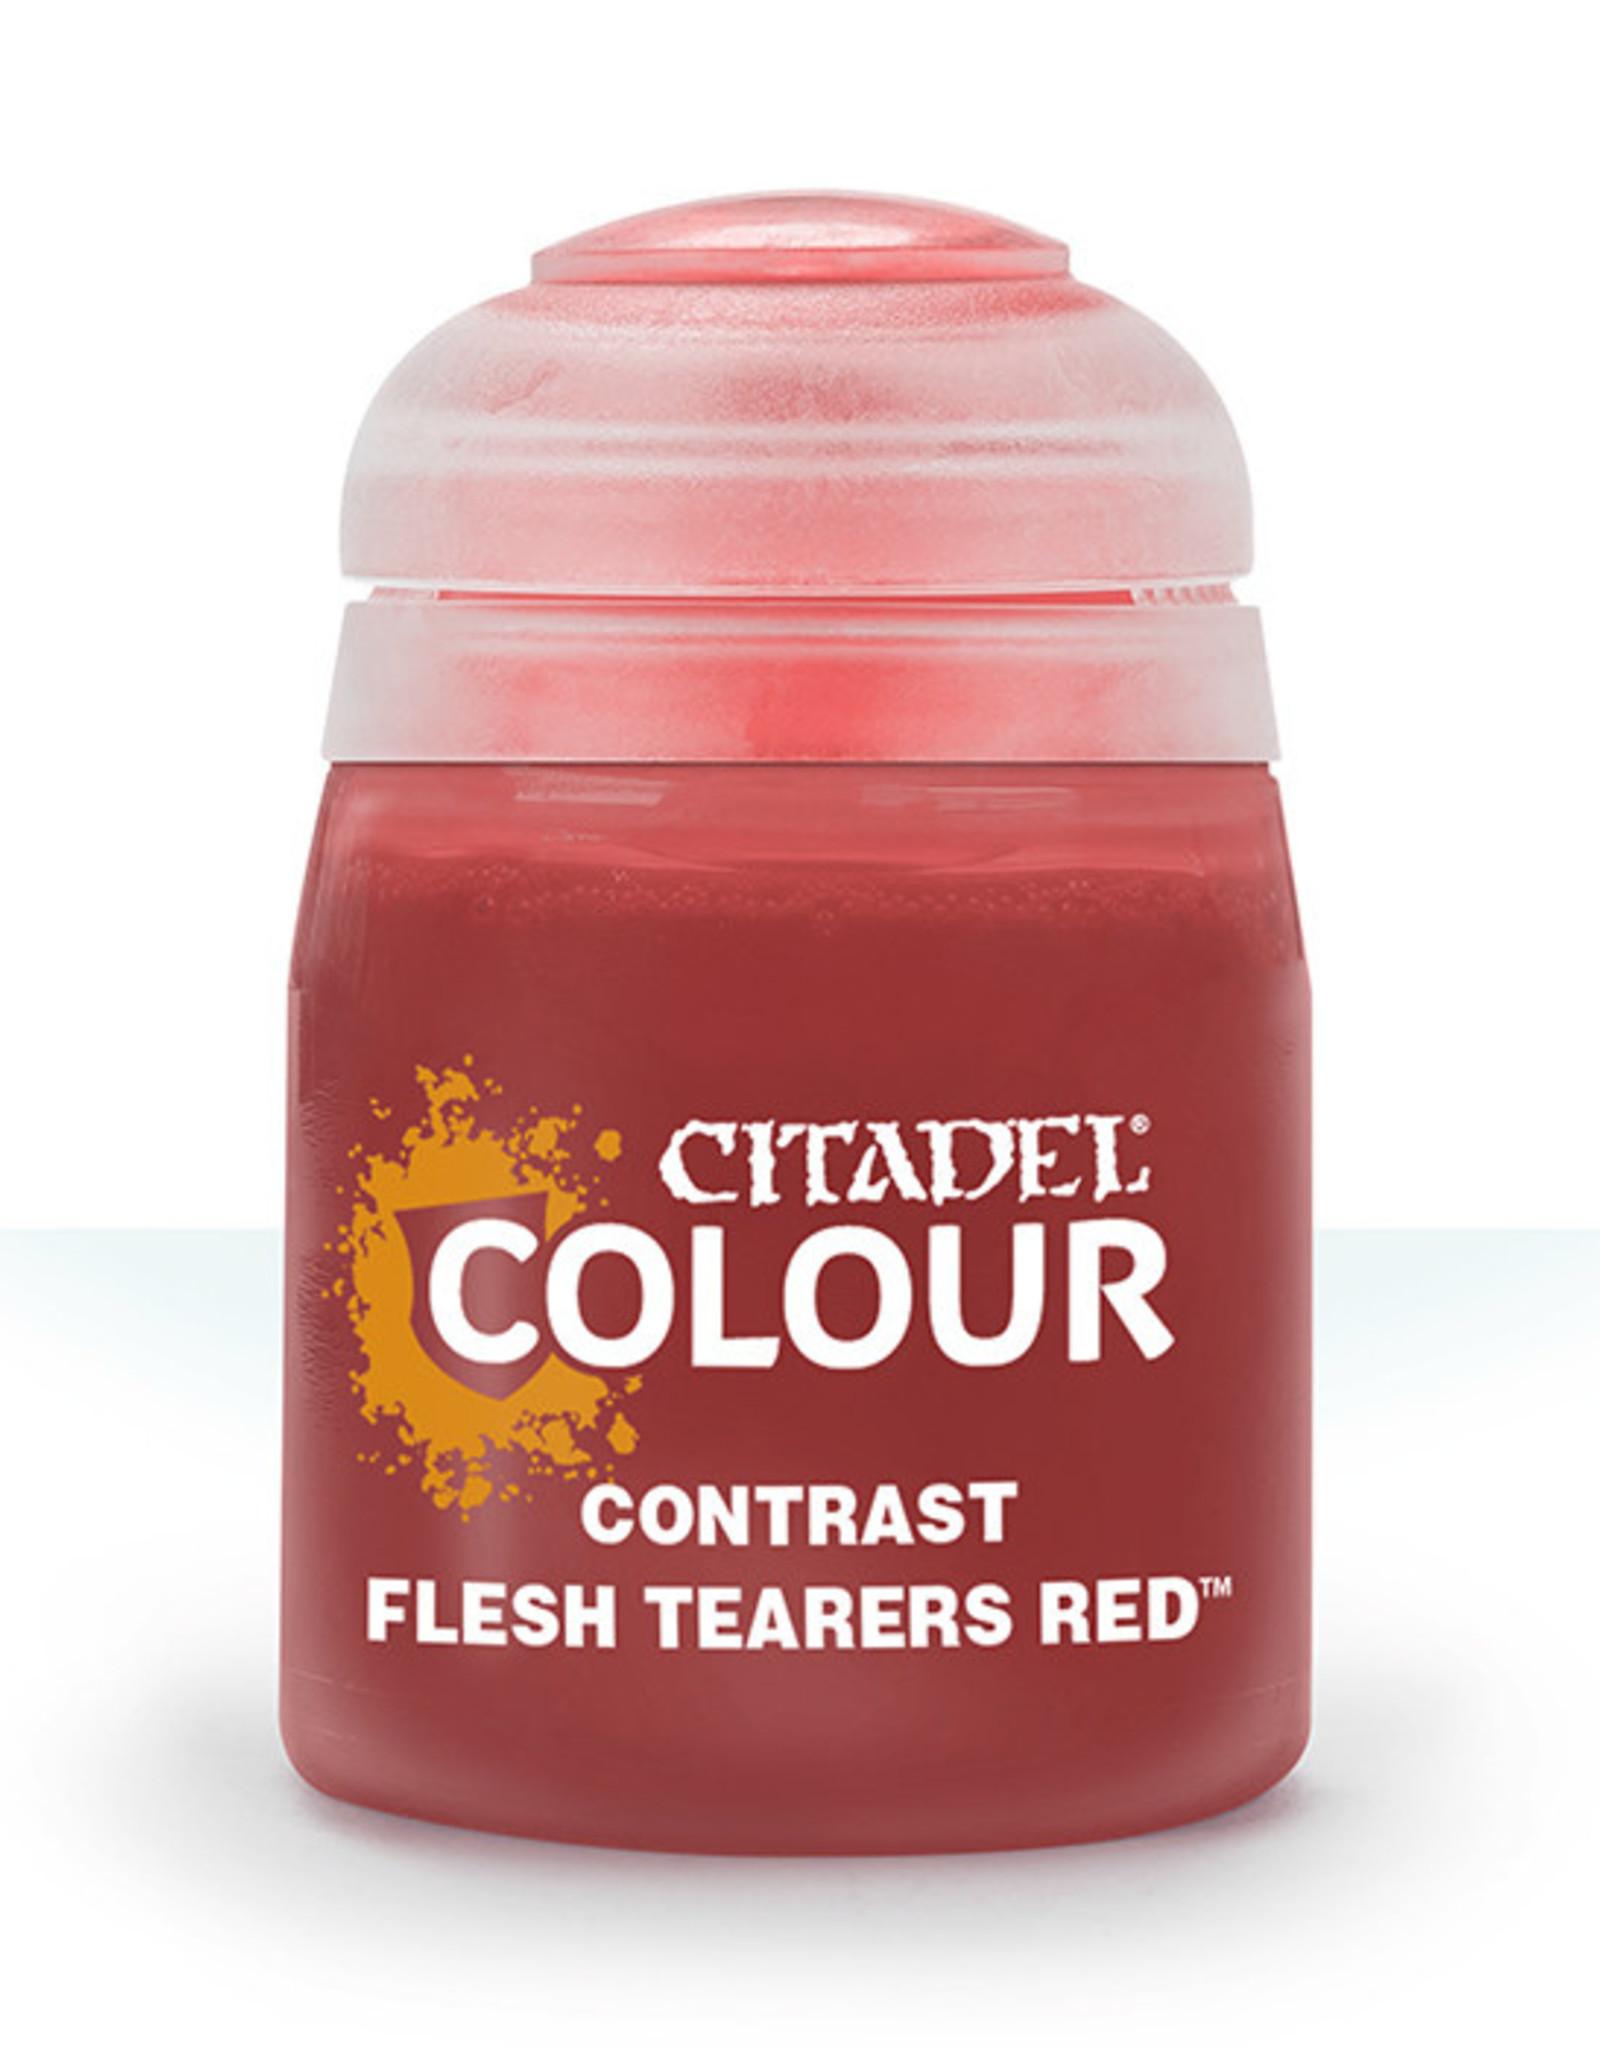 Citadel Citadel Colour: Contrast - Flesh Tearers Red